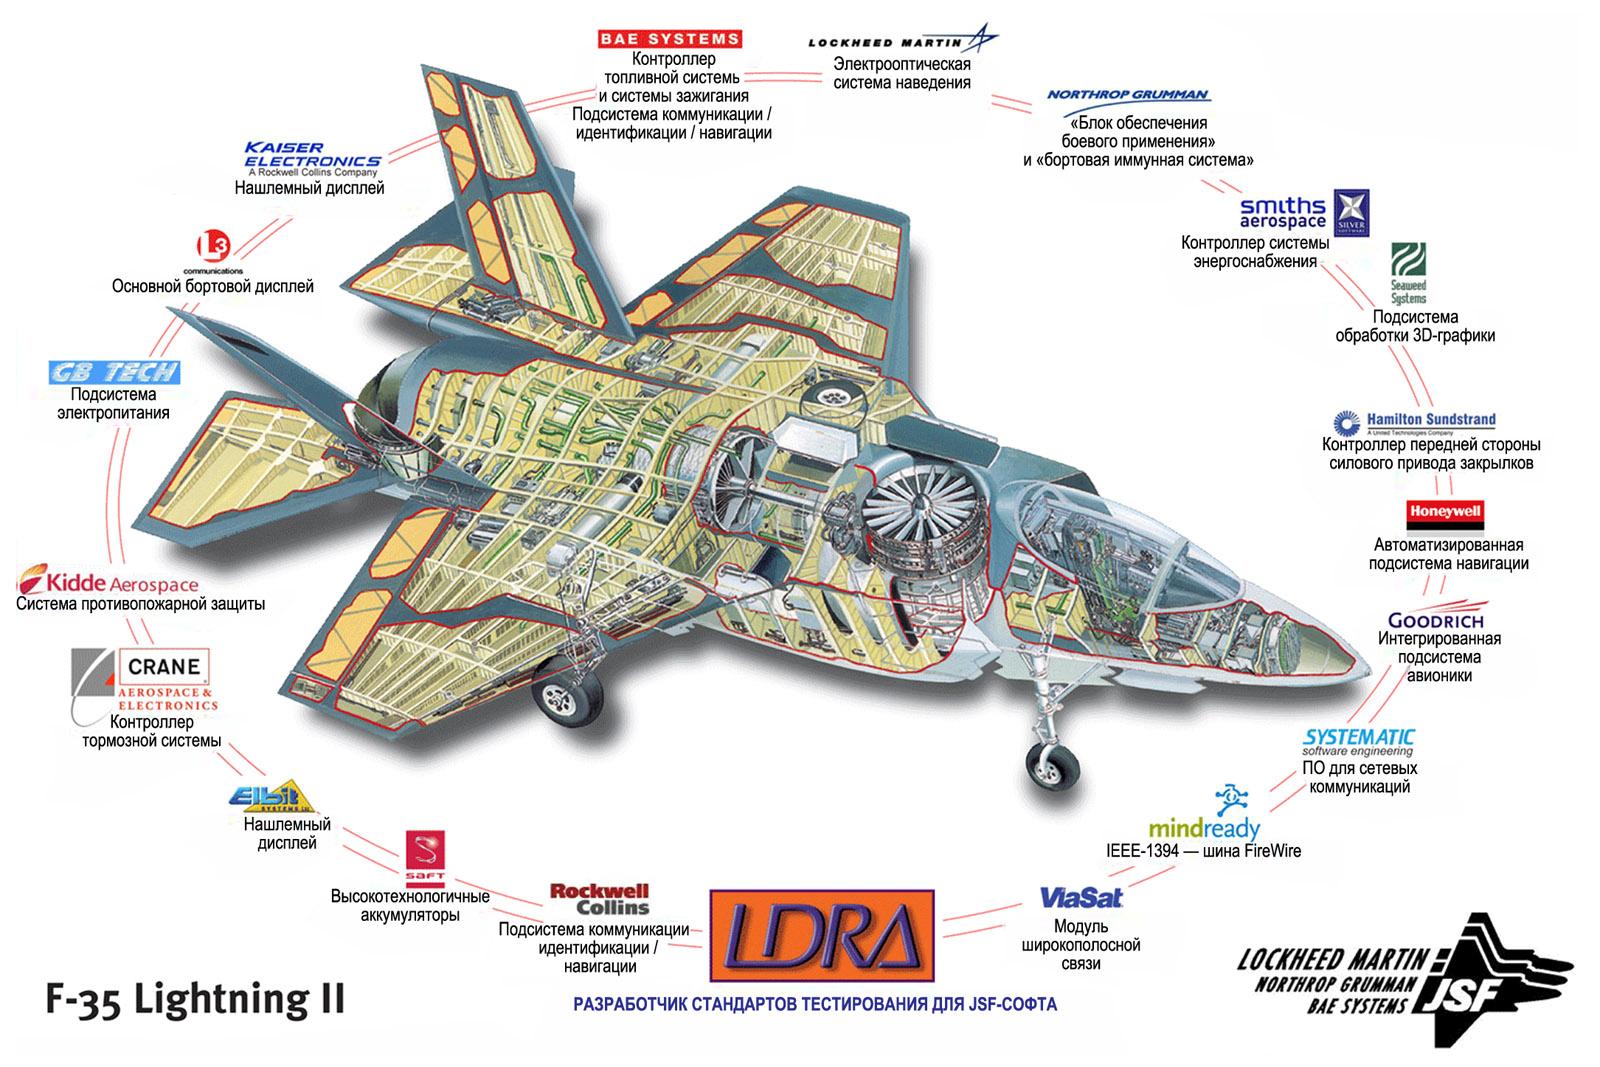 Аппаратные компоненты бортовой МПС унифицированного ударного истребителя F-35 - 1